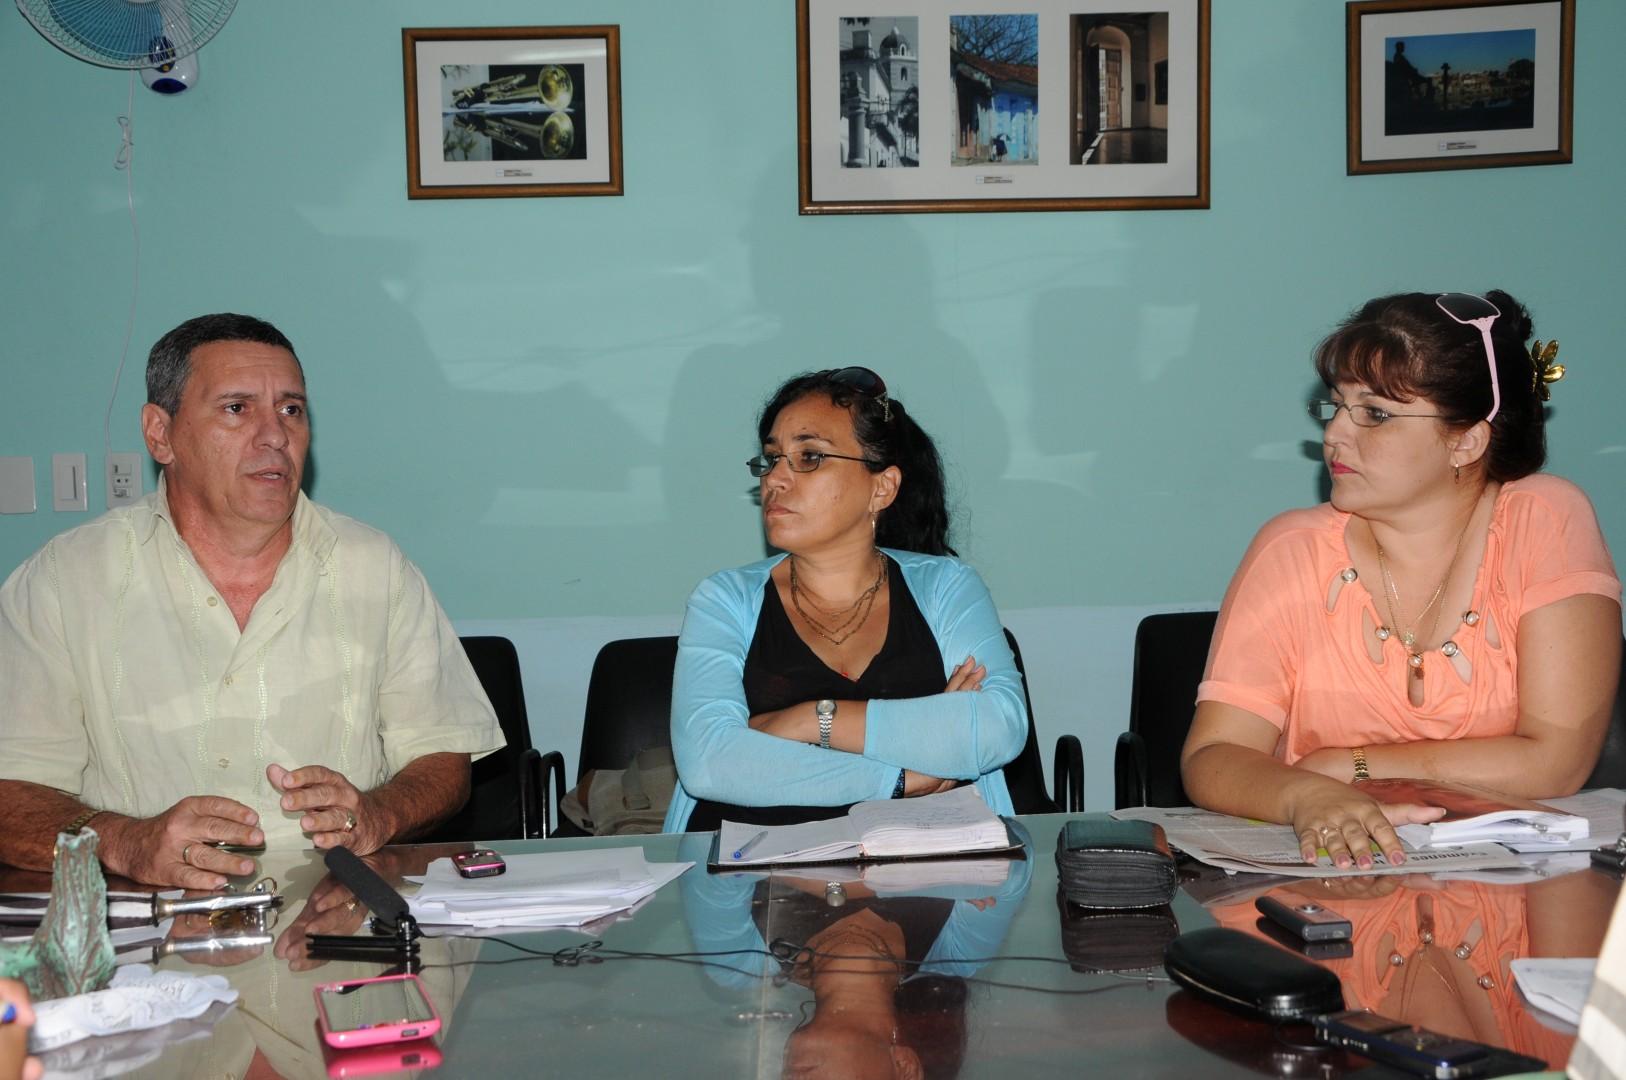 Edelberto Cancio, Milady Raya y Morbelys Cuéllar, de izquierda a derecha.